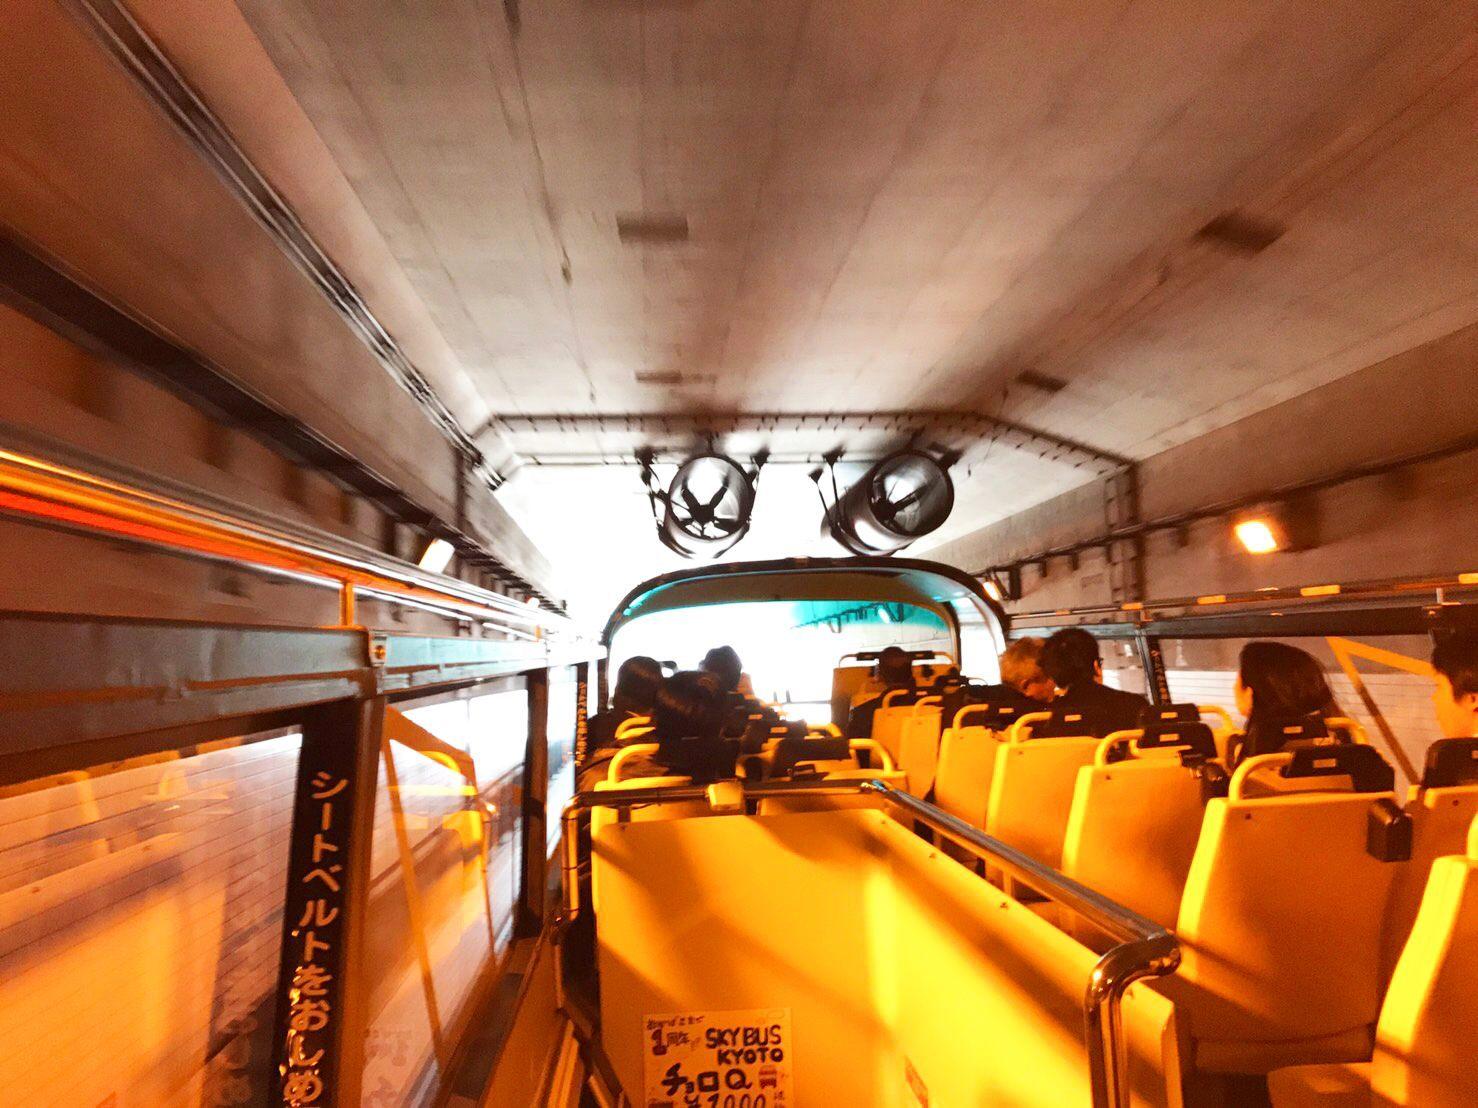 充滿驚險的「港島隧道」。巴士穿過隧道時天花板從頭頂擦過的感覺非常刺激